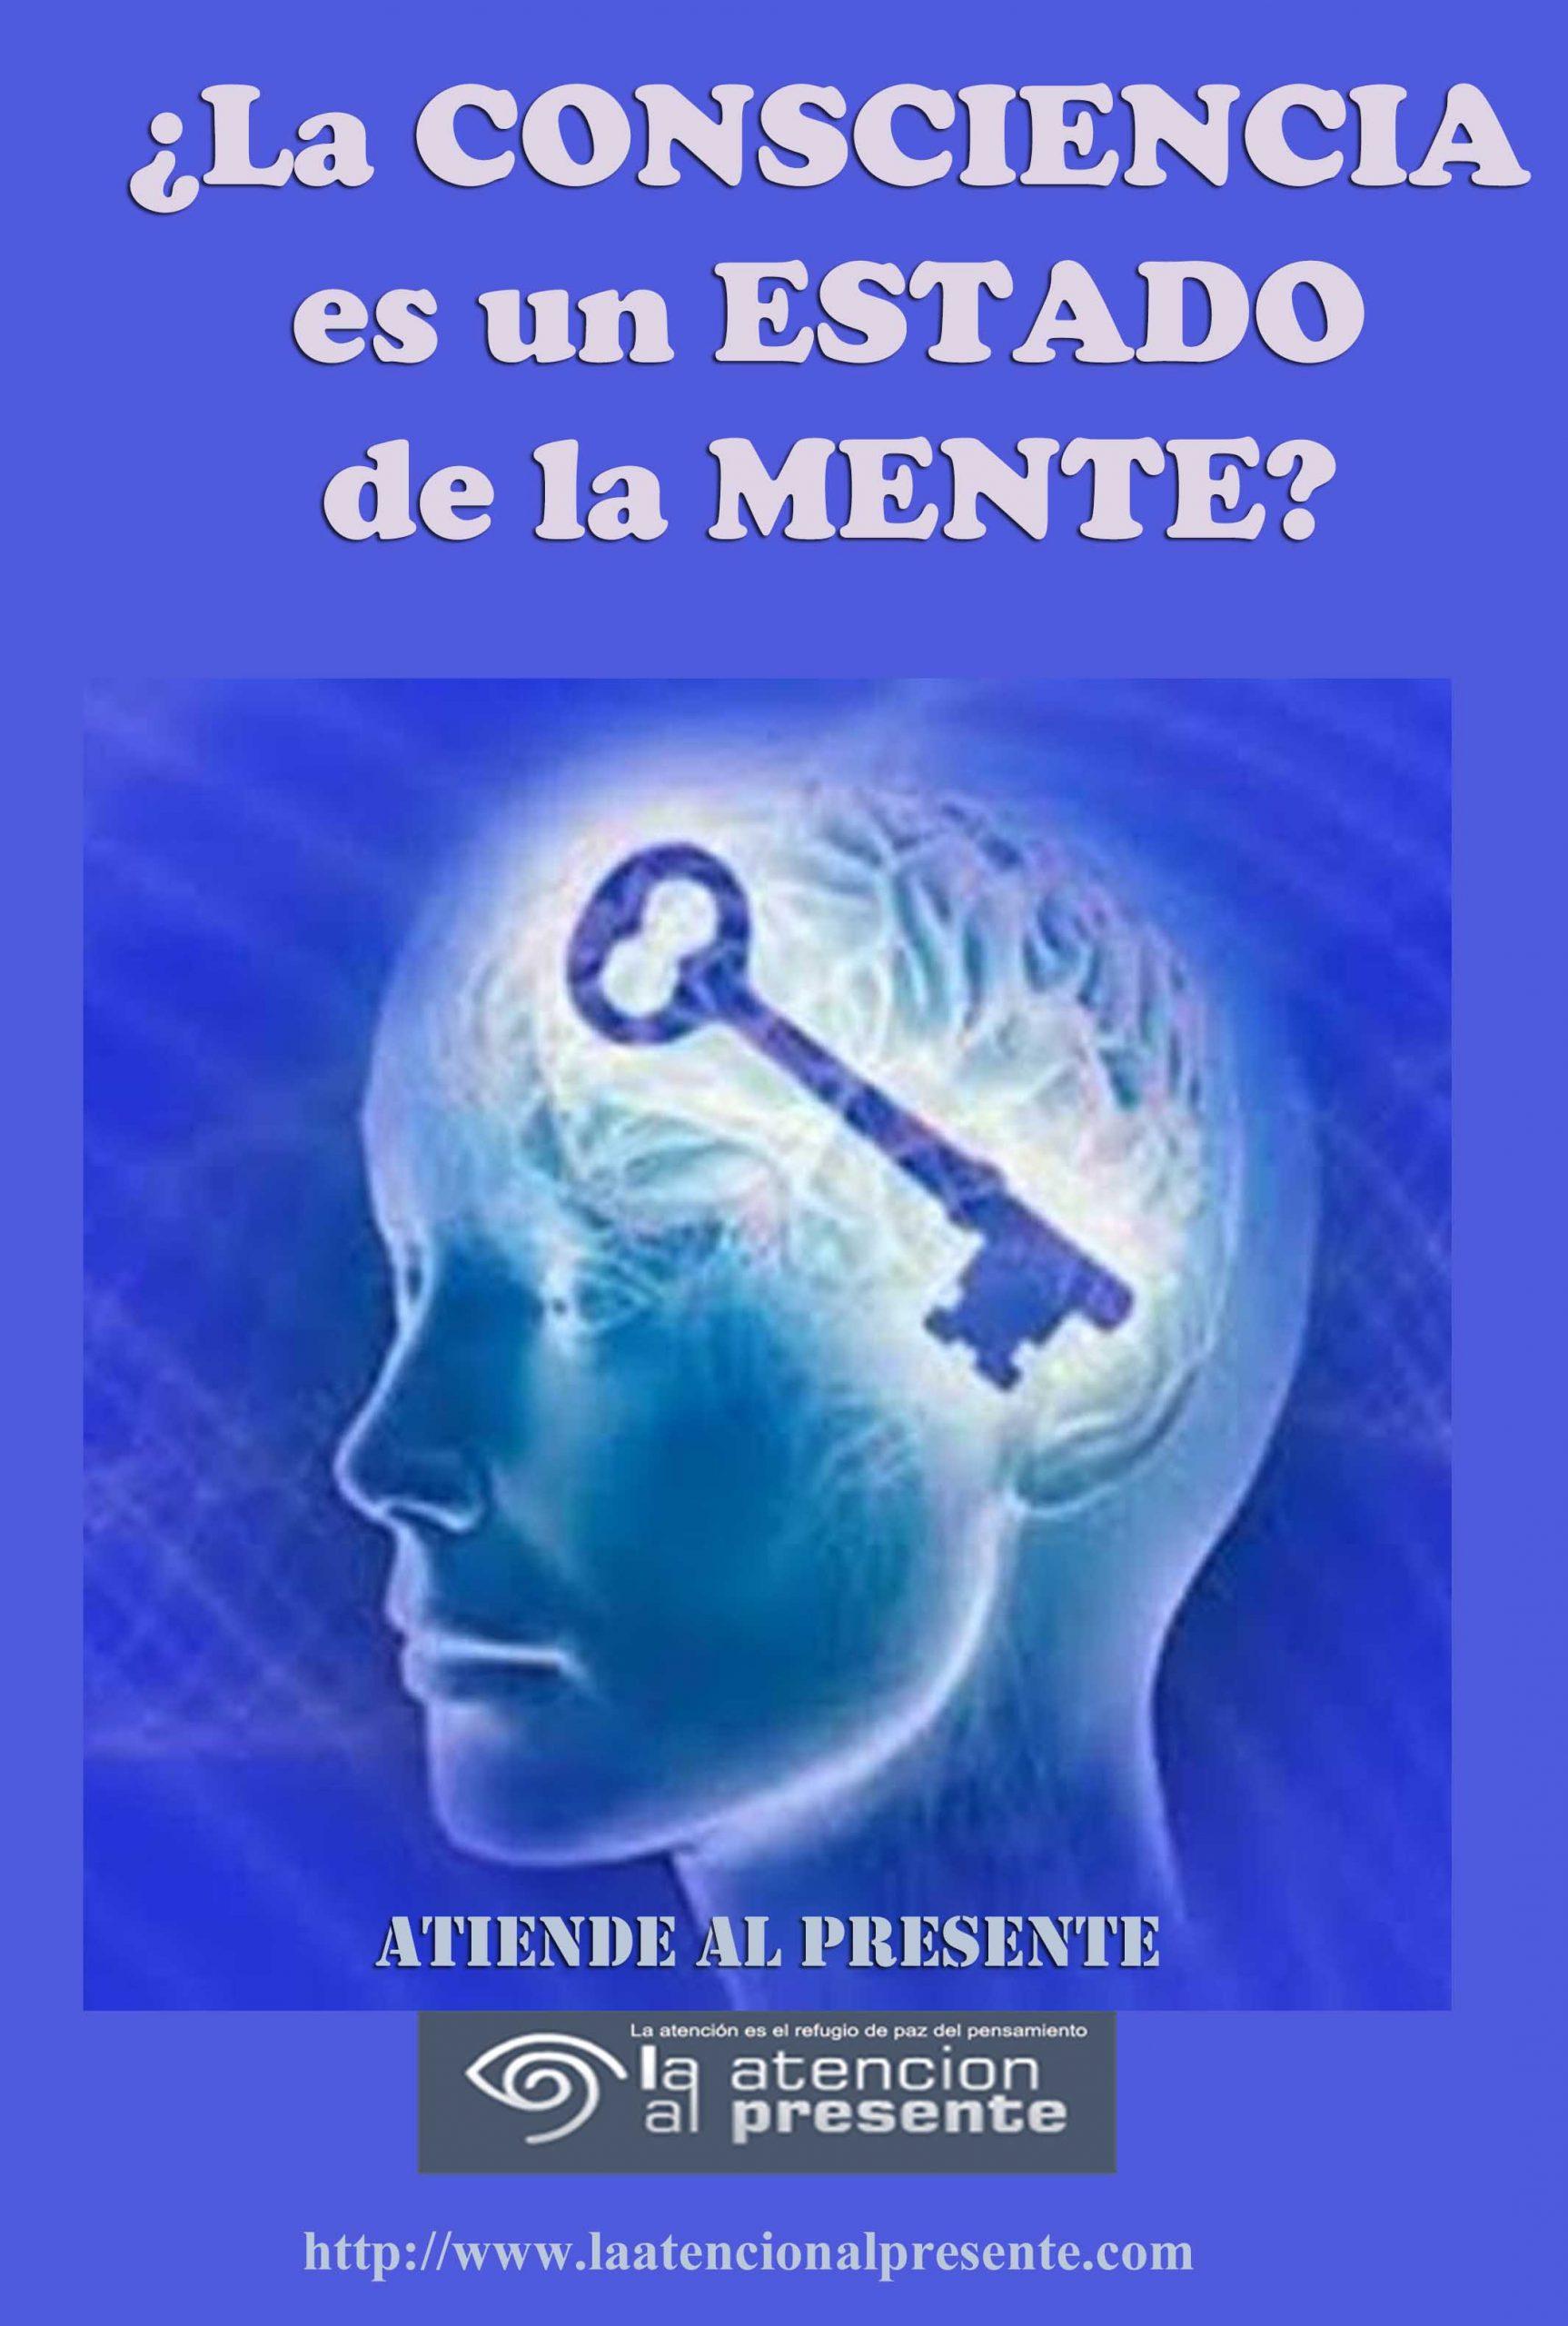 22 de mayo Esteban La consciencia es un estado de la mente min scaled